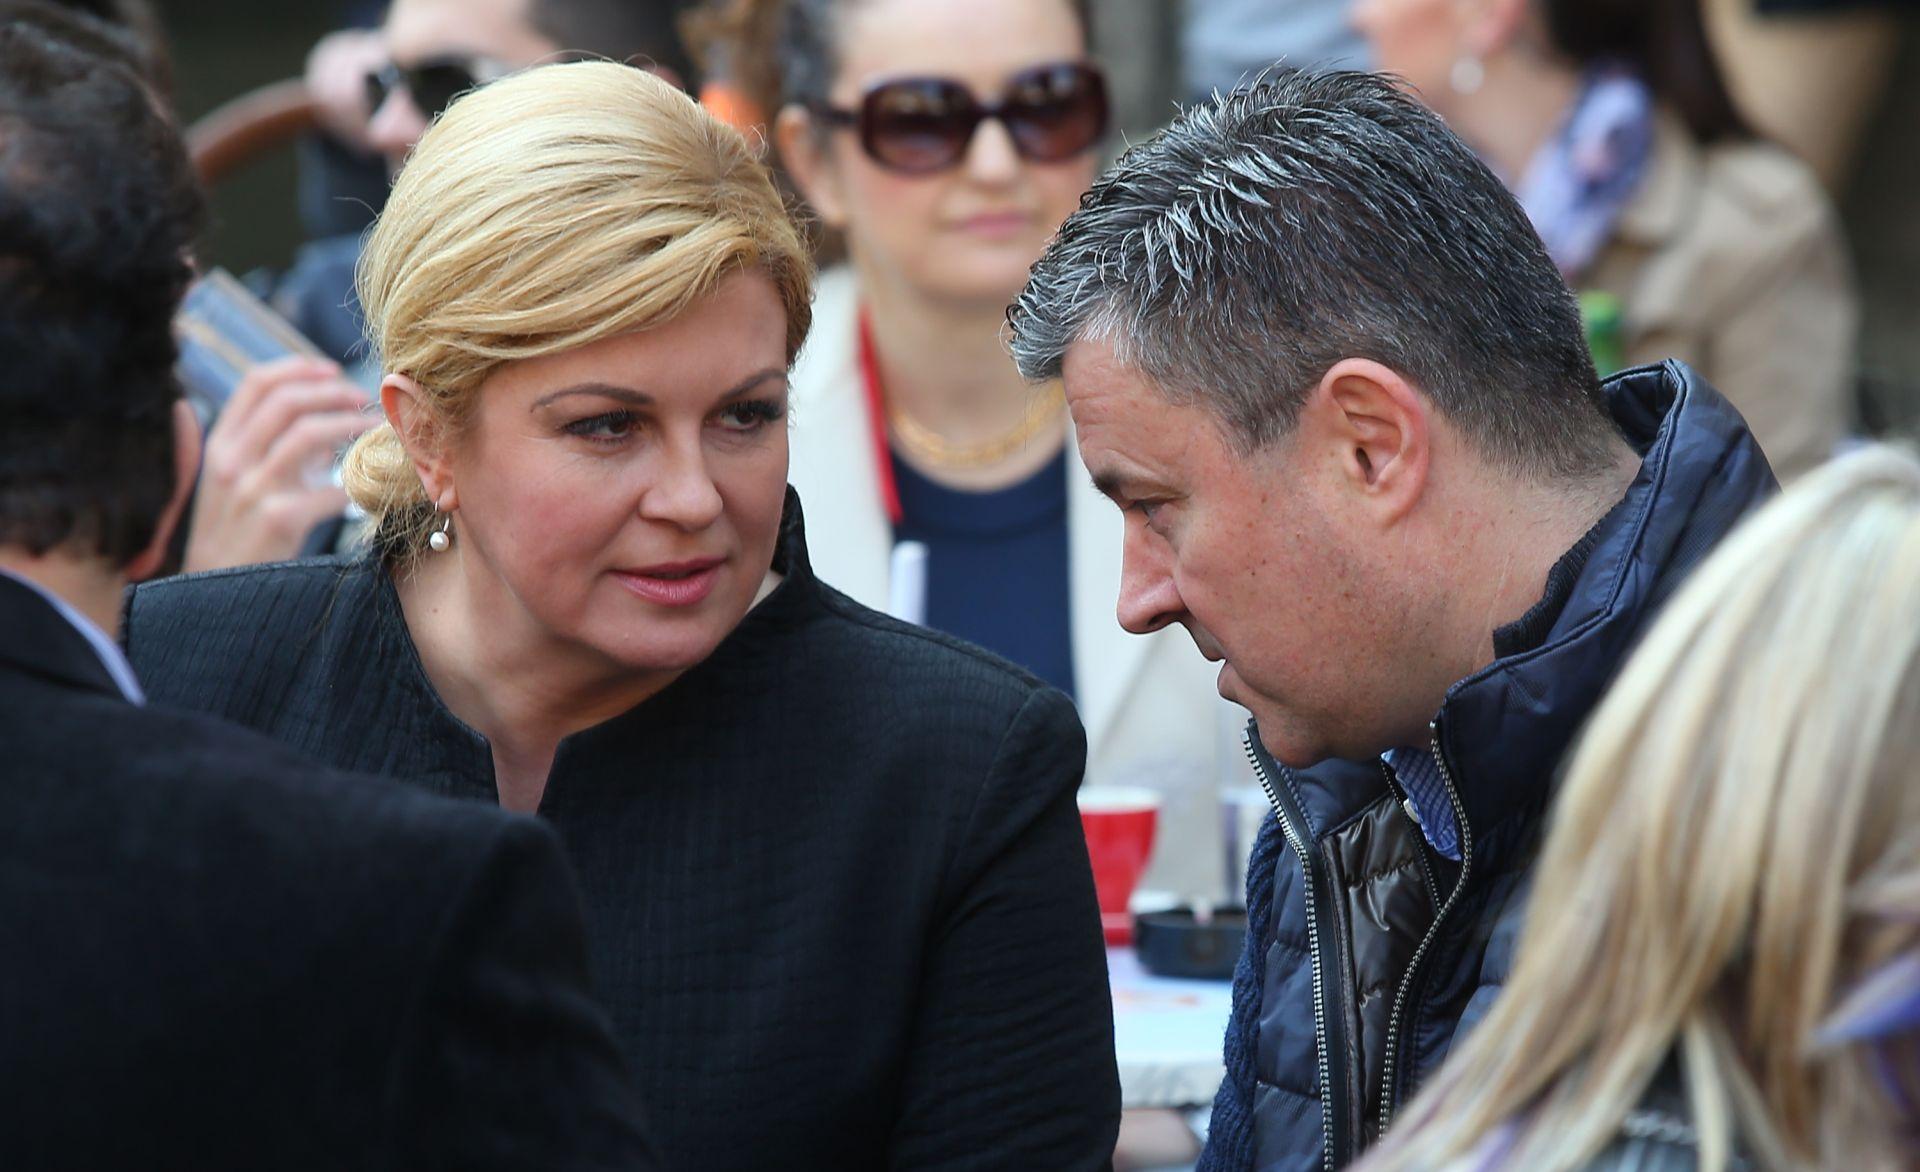 """GRABAR KITAROVIĆ """"Na Lozančićevom bih mjestu definitivno tražila drugi posao"""""""